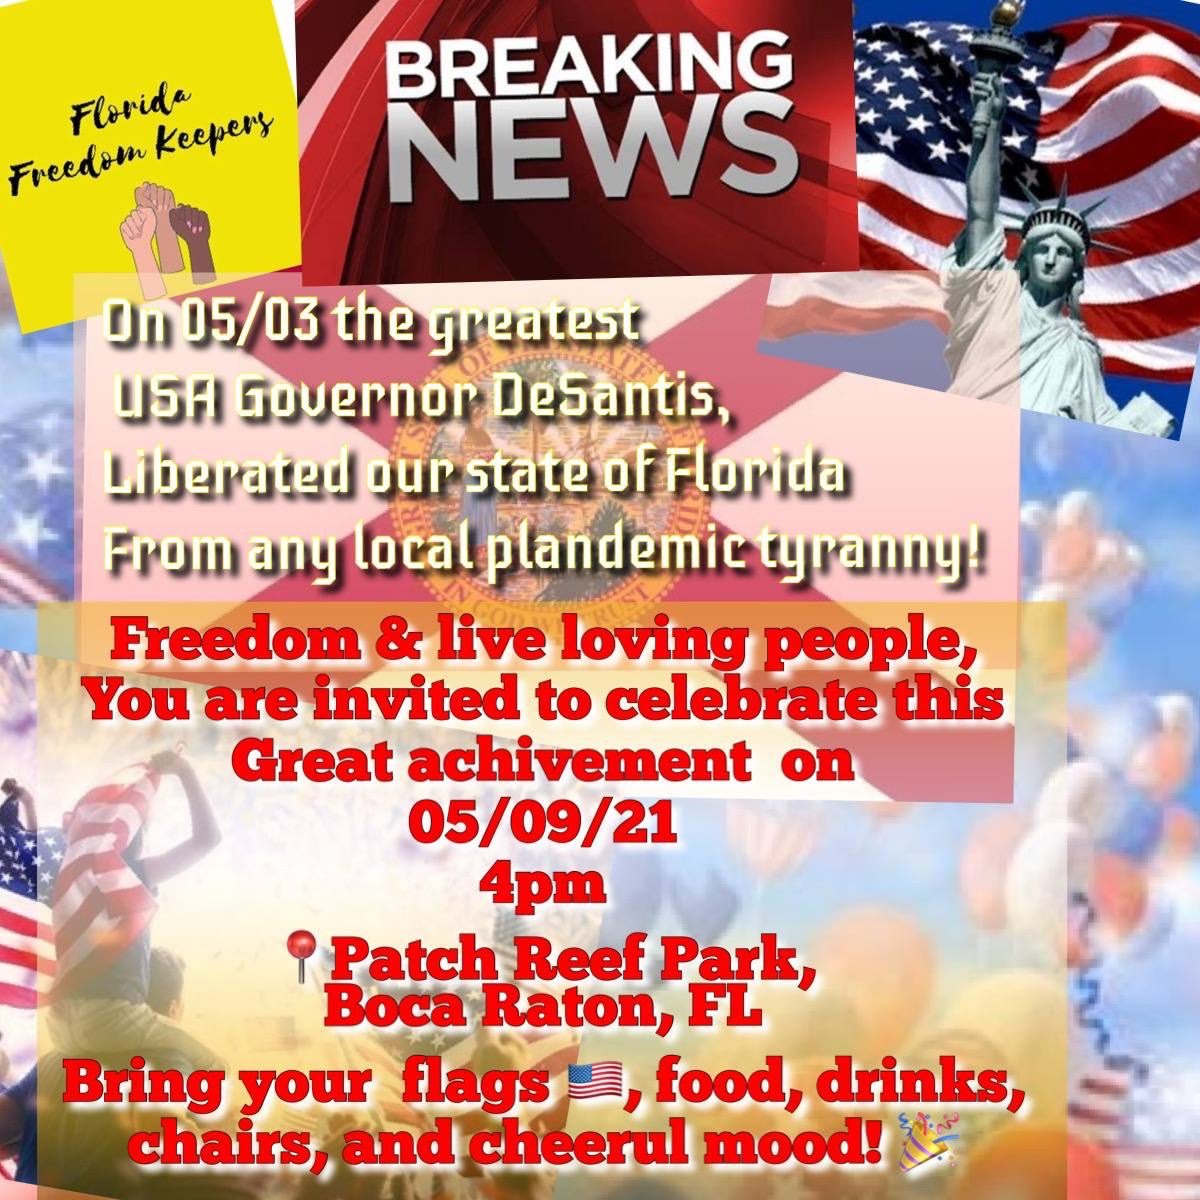 Florida freedom keepers